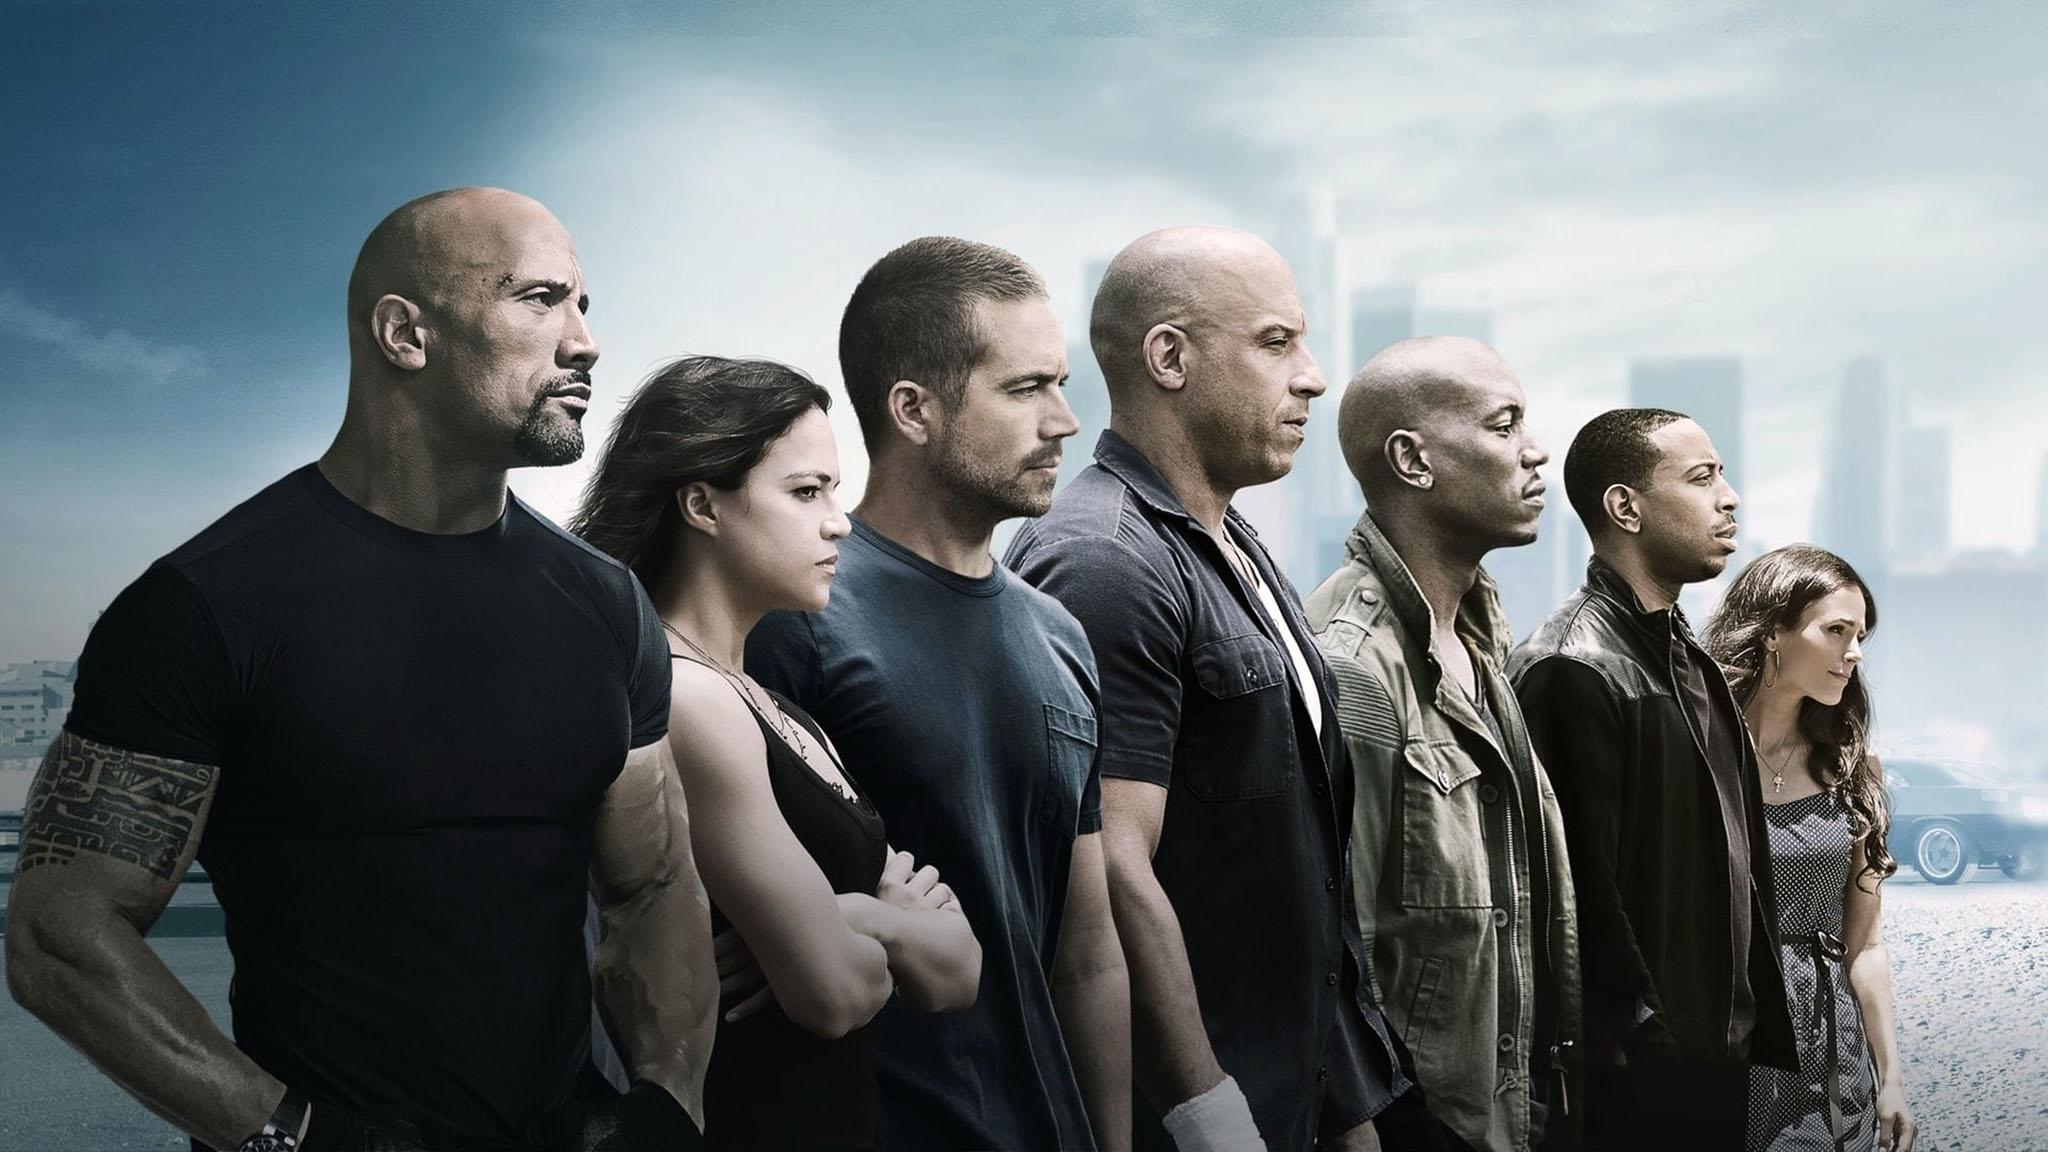 فيلم Furious 7 2015 مترجم